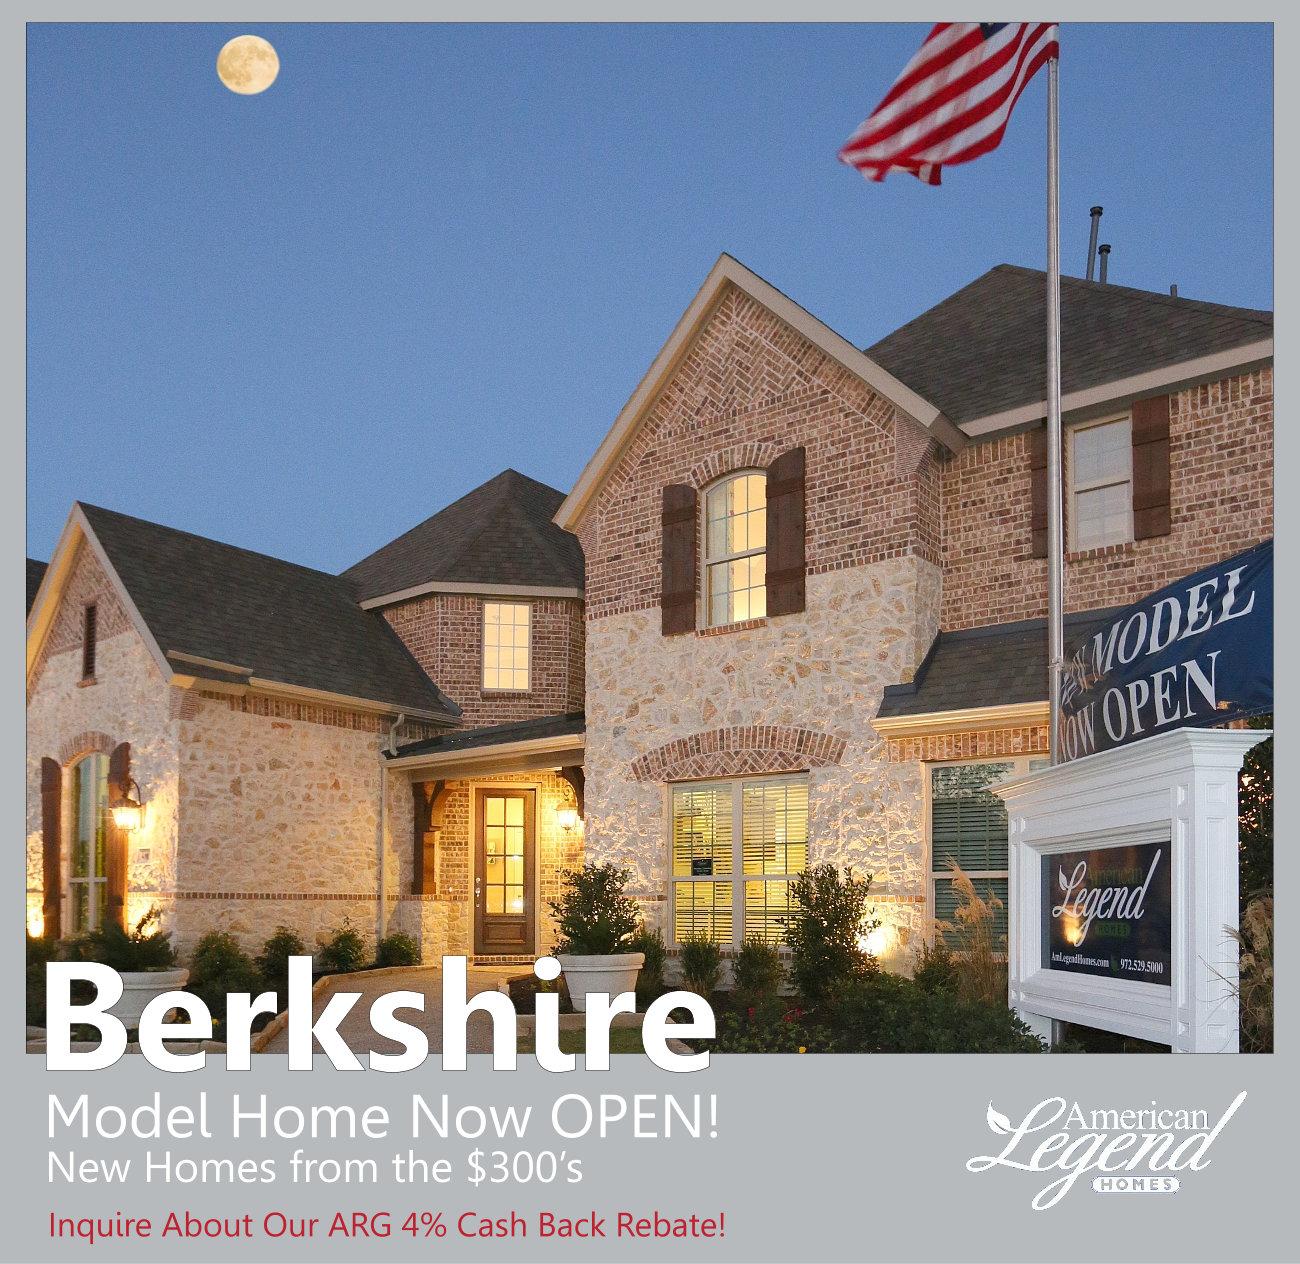 Berkshire New Homes In Fort Plumbing Contractor